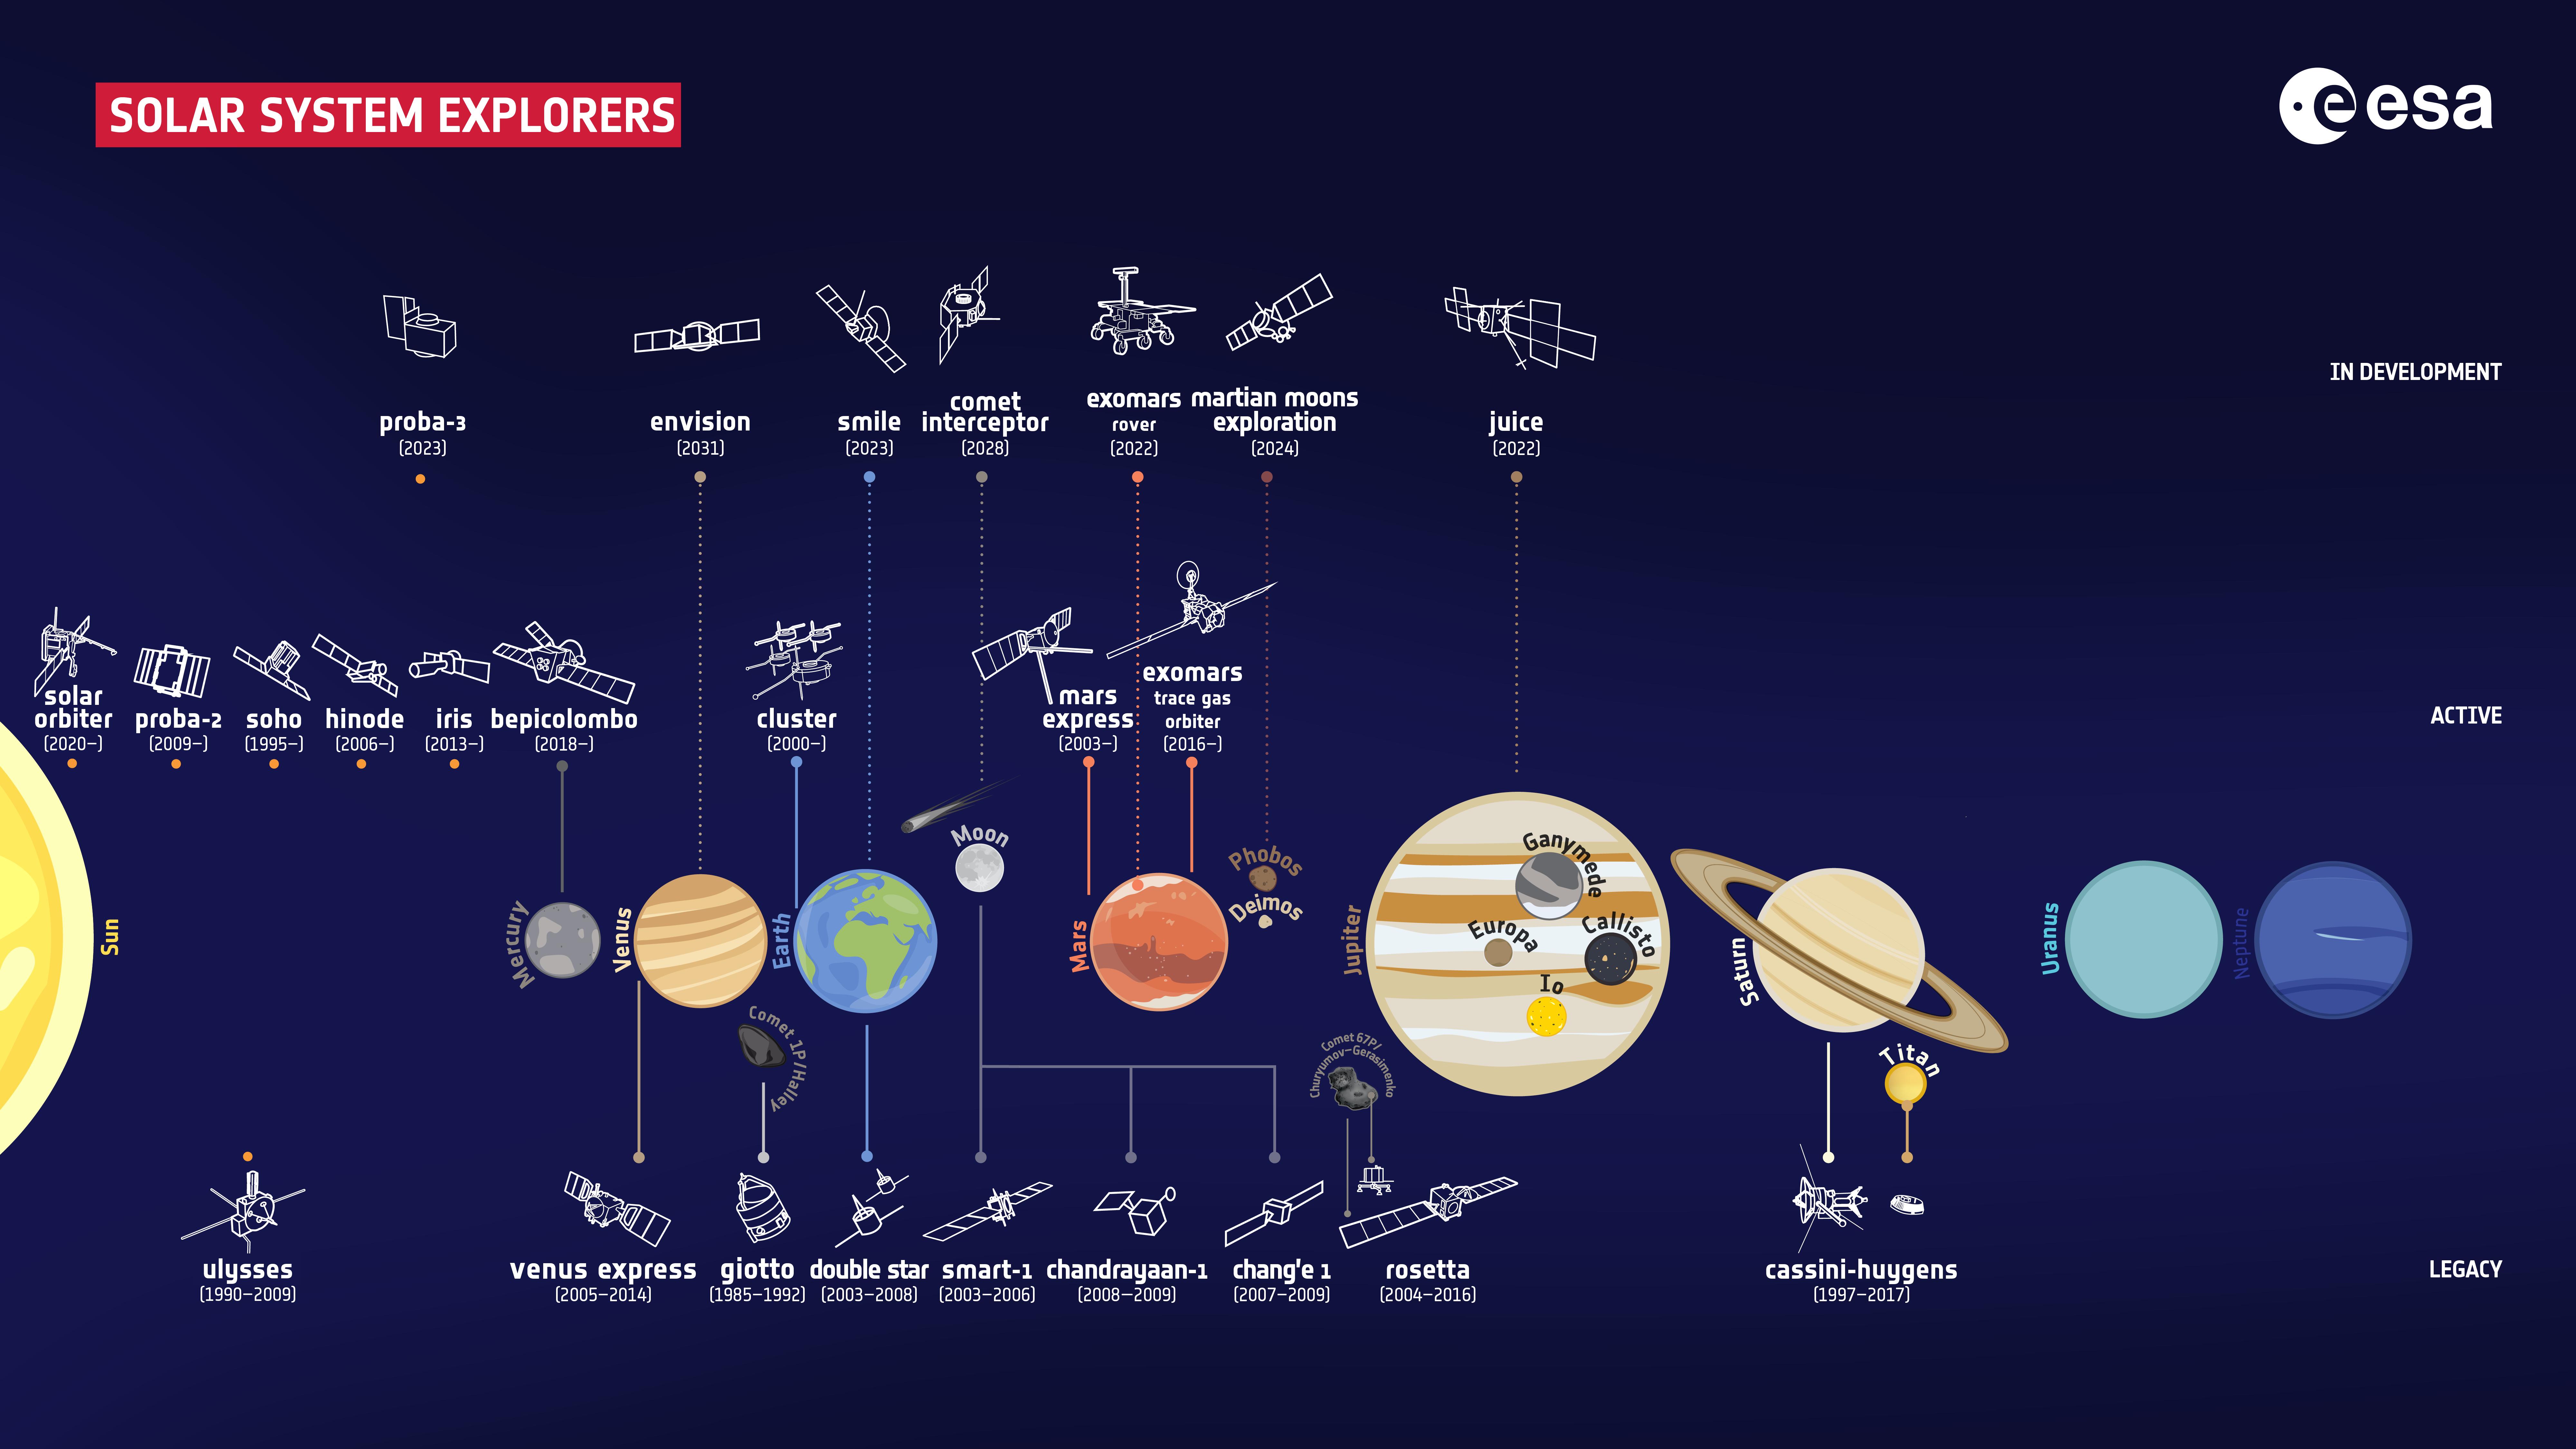 ESA_fleet_of_Solar_System_explorers_2021.png